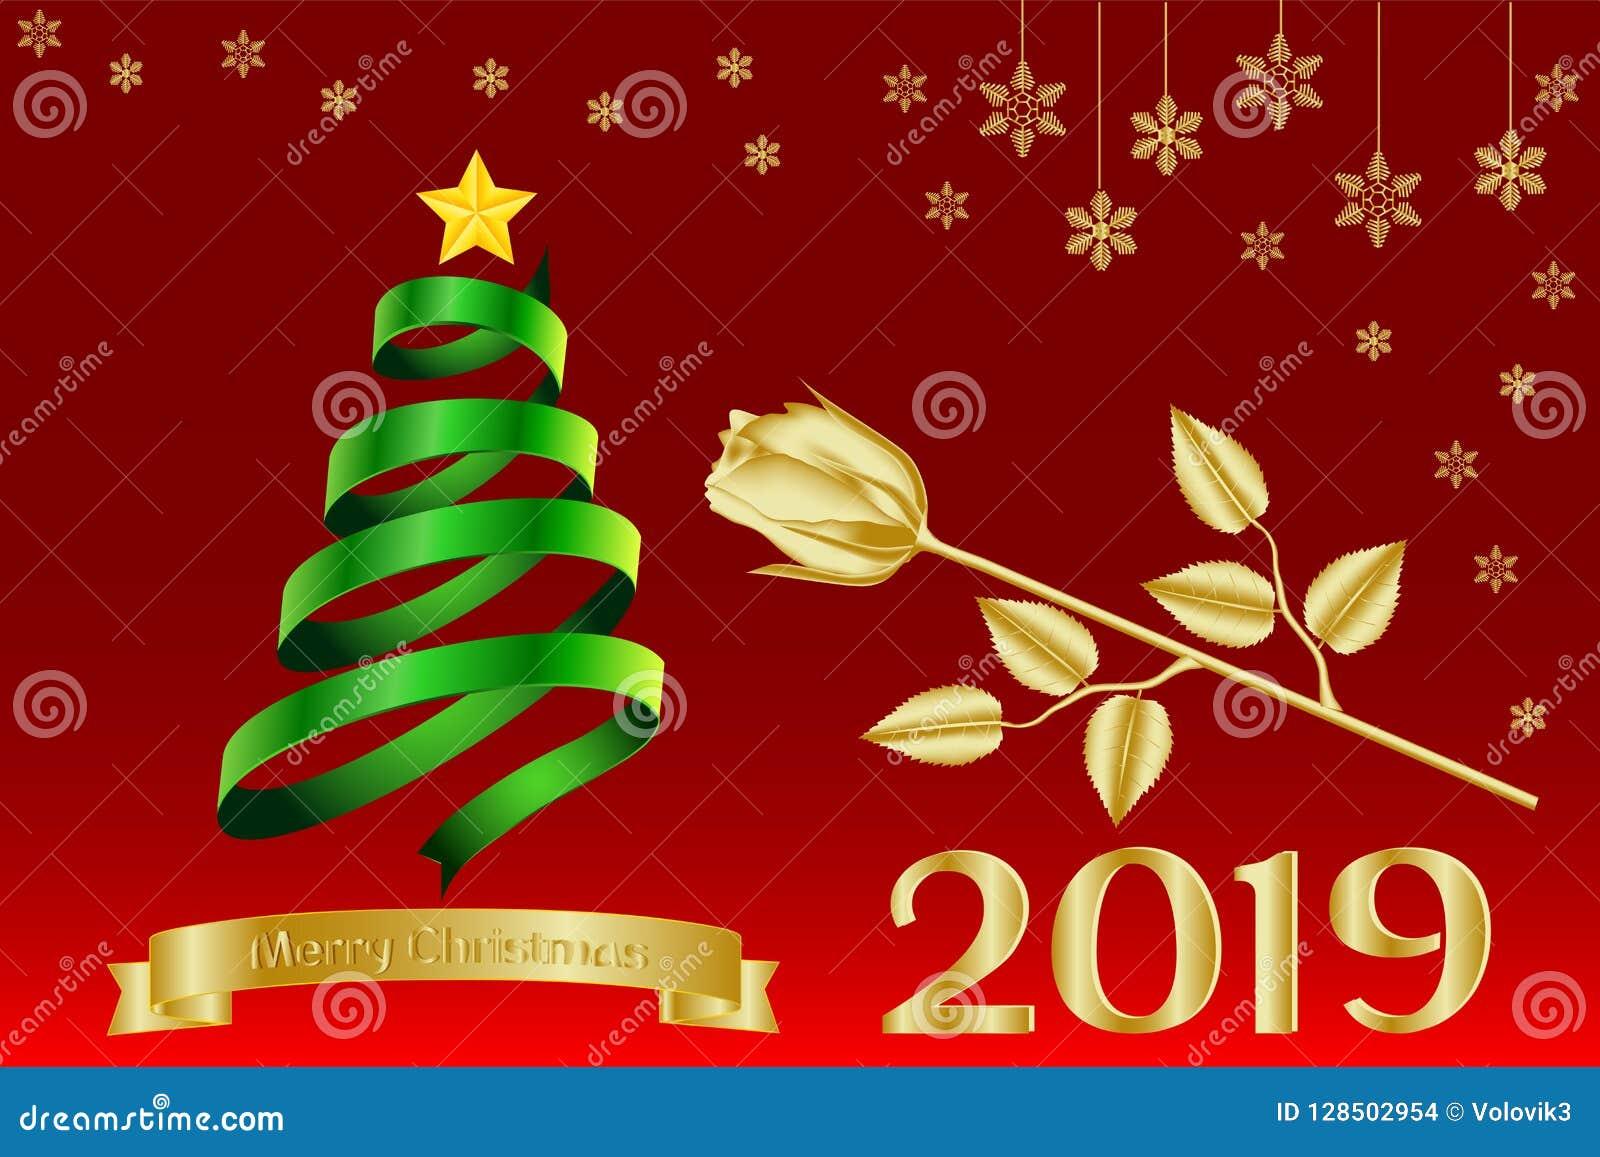 Cartolina D Auguri Insegna Calendario Con Il Buon Natale